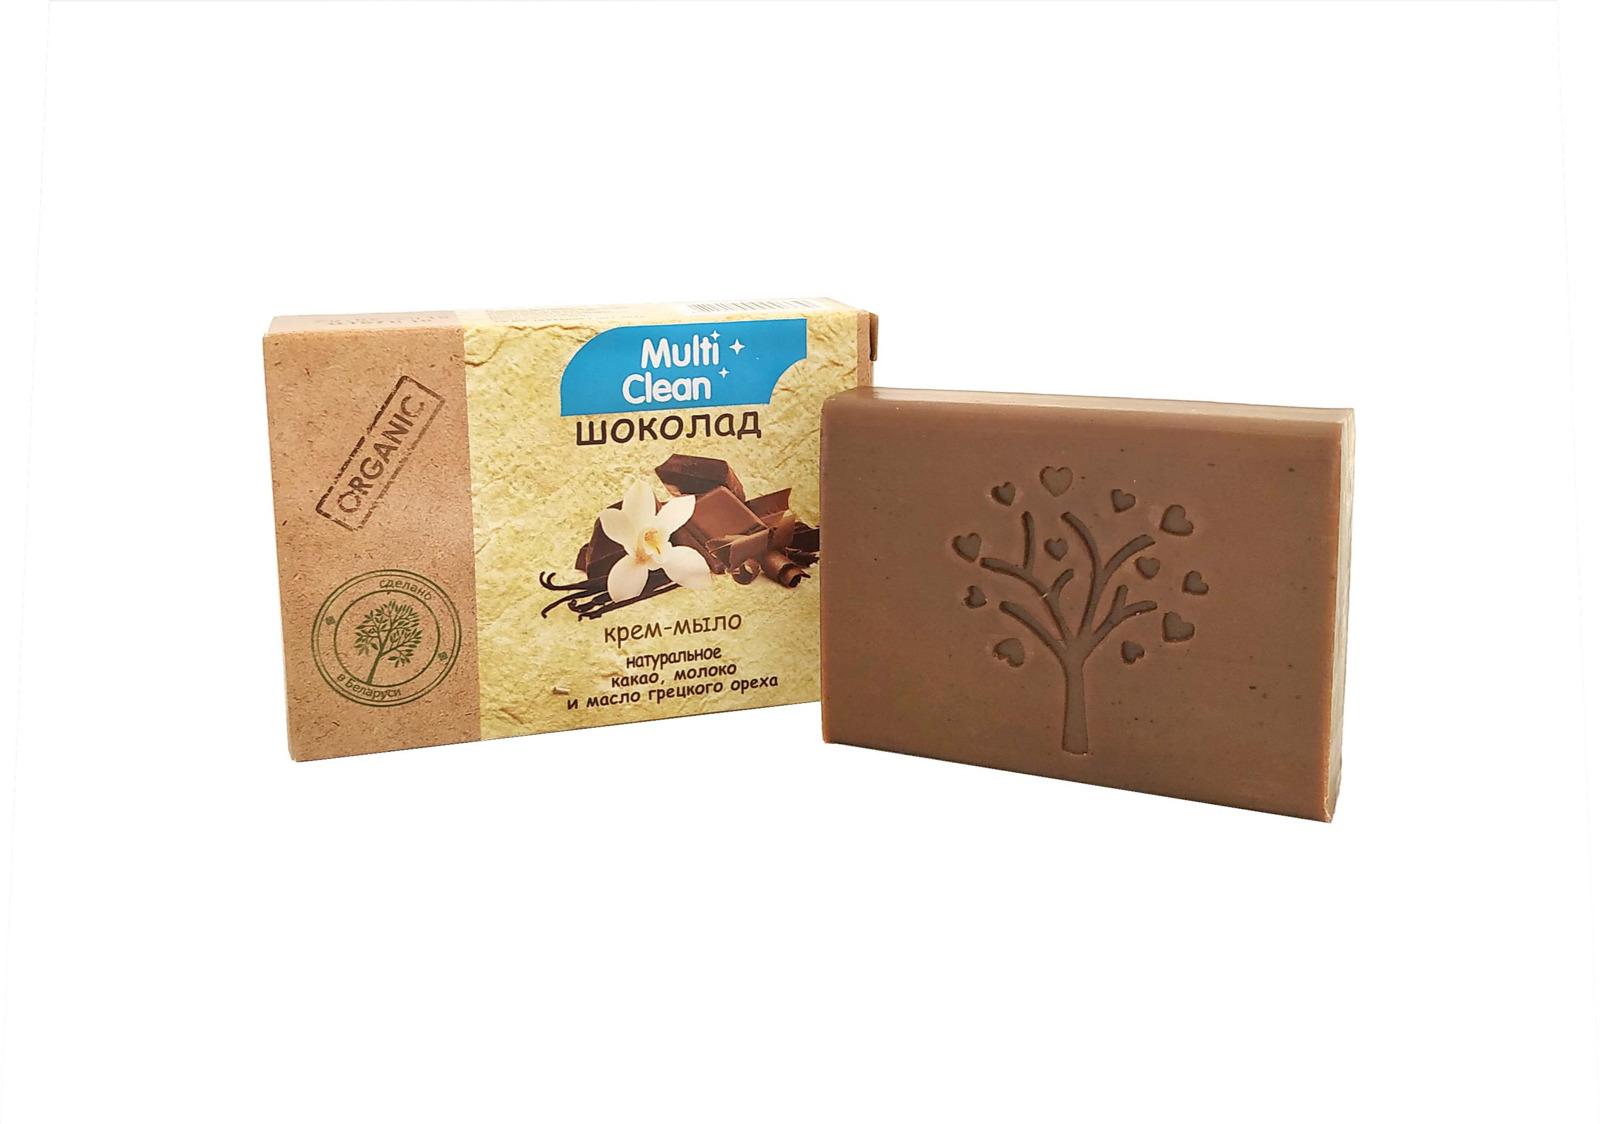 Крем-мыло туалетное твердое MultiClean Organic. Шоколад, 90 г l occitane bonne mеre мыло туалетное молоко bonne mеre мыло туалетное молоко